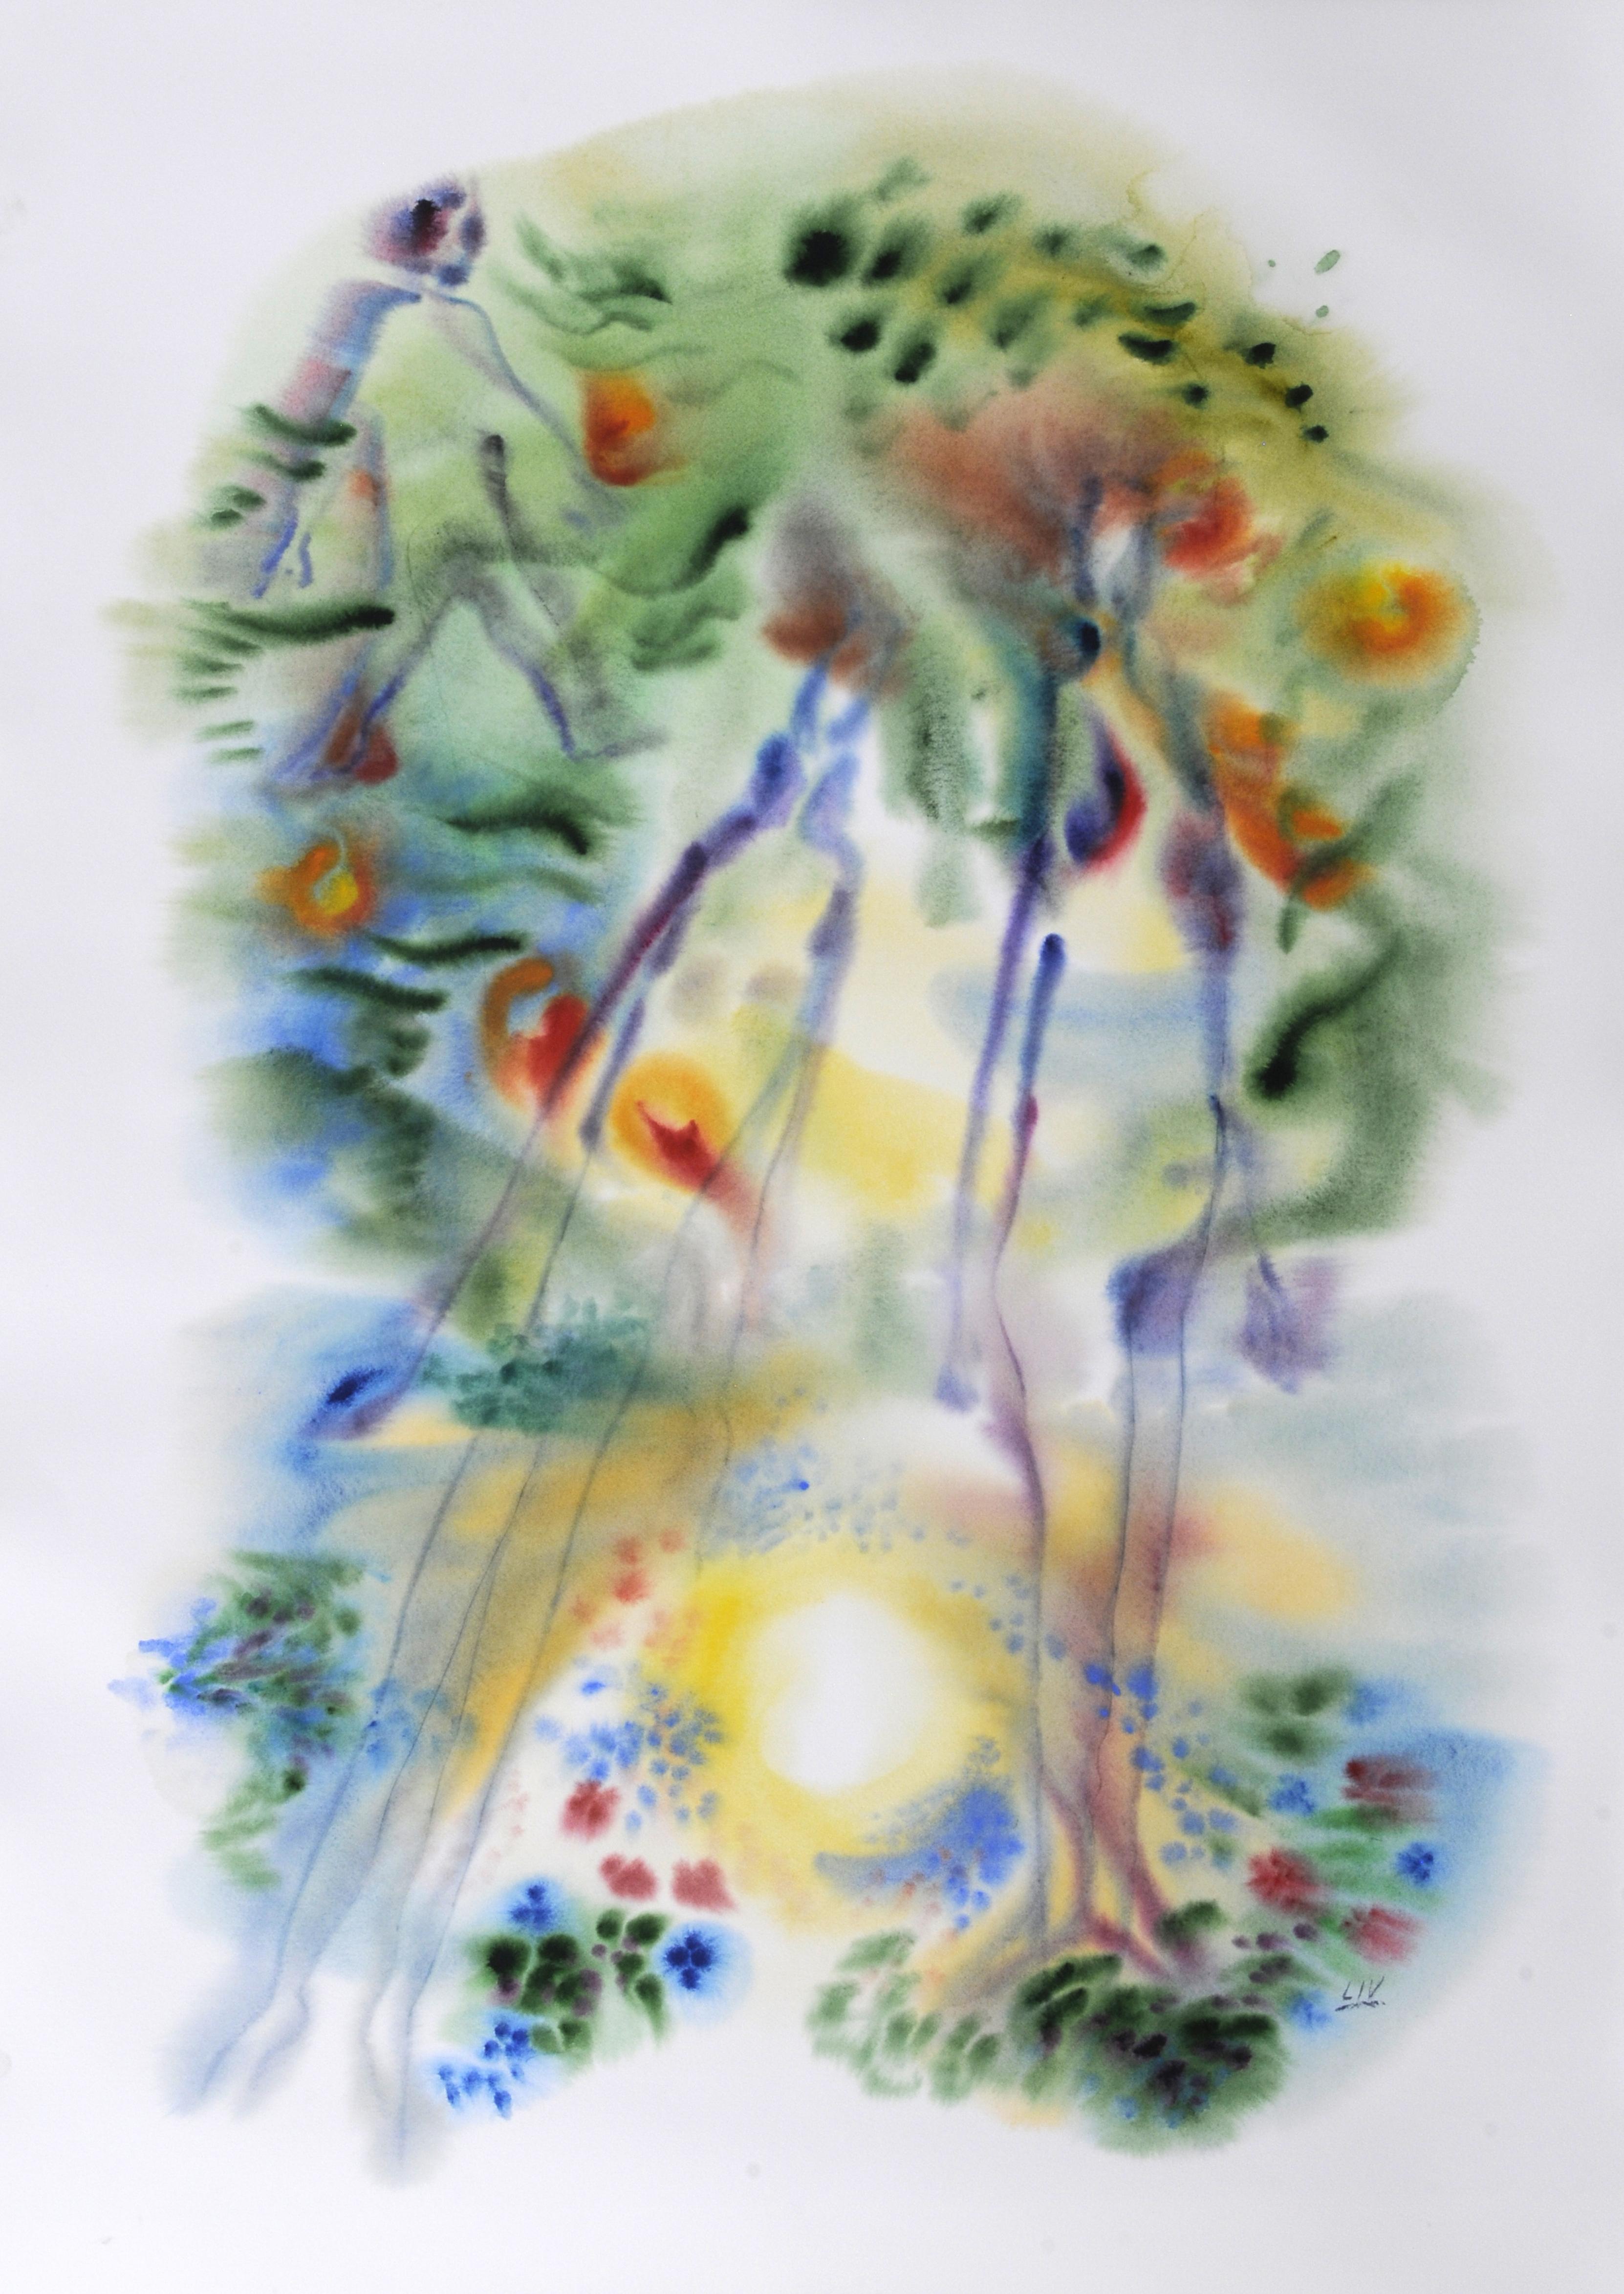 Garden_of_Eden_6_Watercolor_36x51